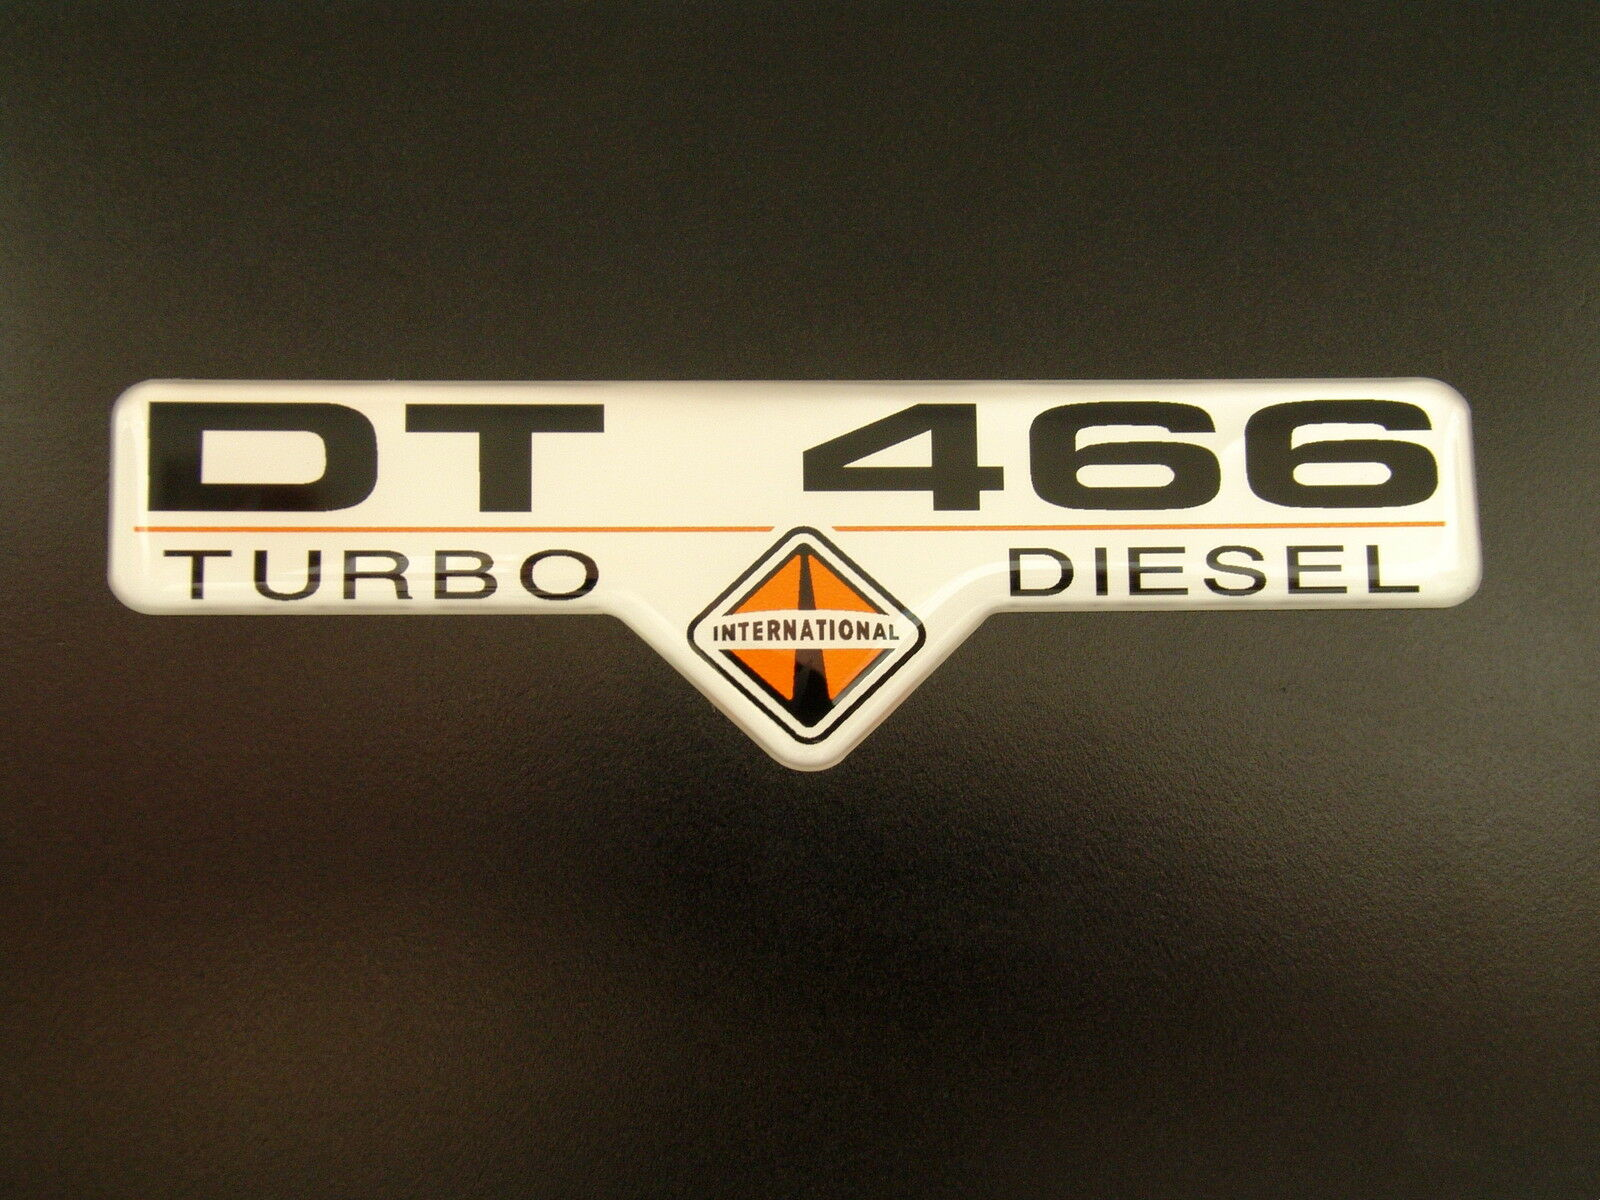 International Dt 466 Td Emblem Supersized Satin